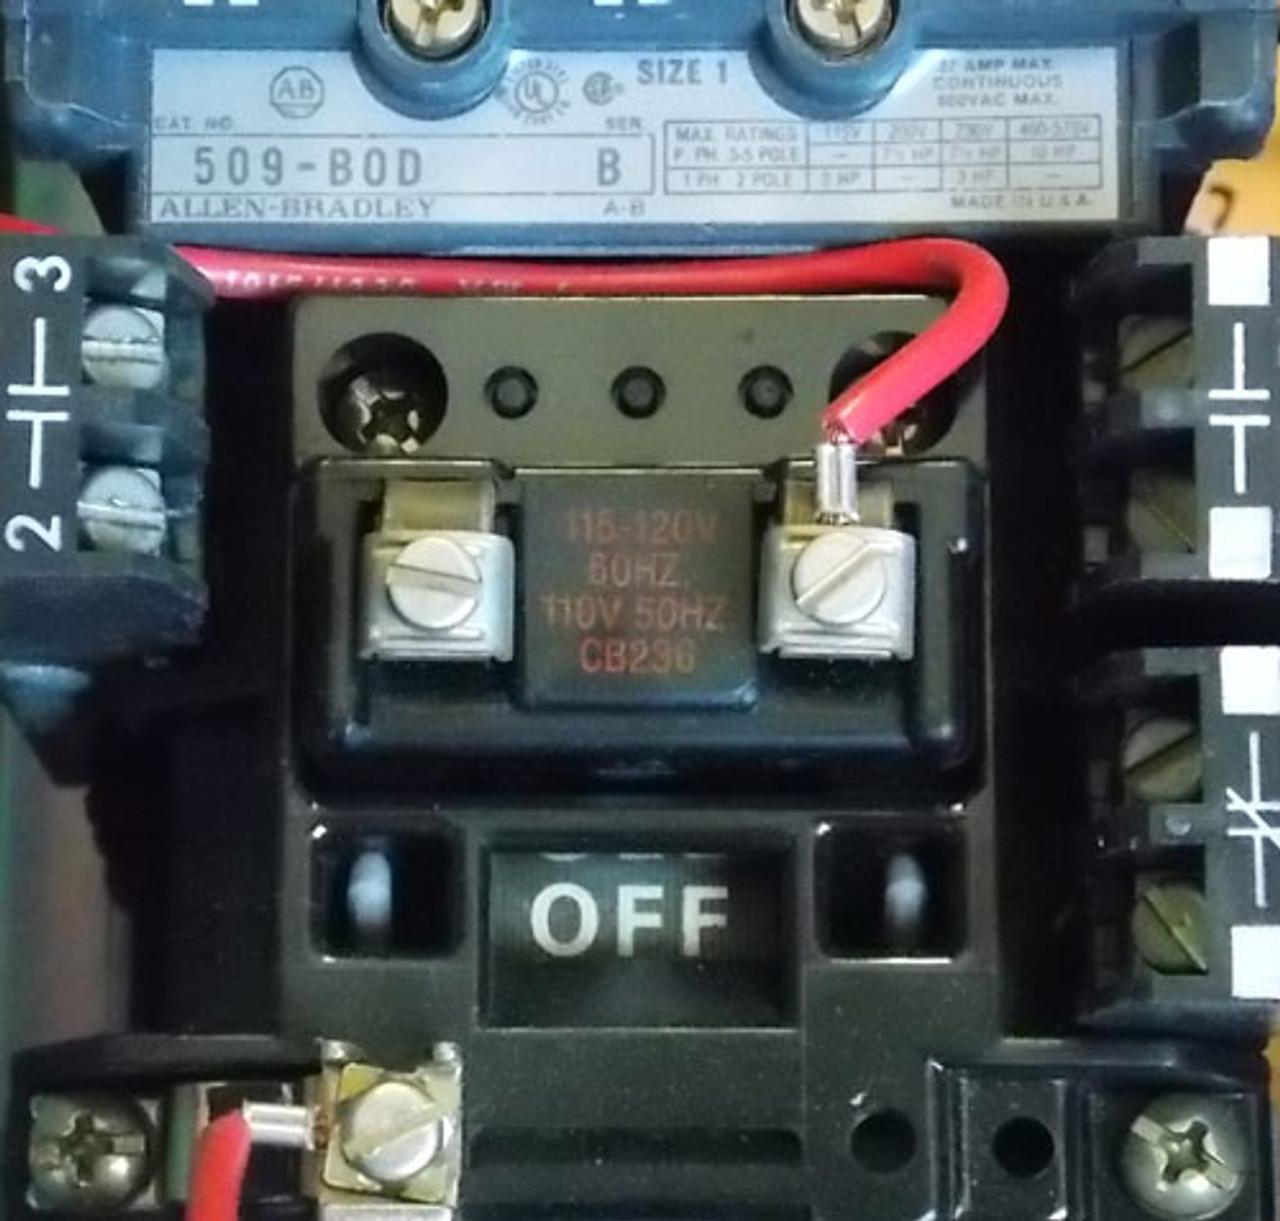 AB 512-BDB-6P-24R Size 1 Combo Starter 3PH 480V 120V Coil N12 - Used